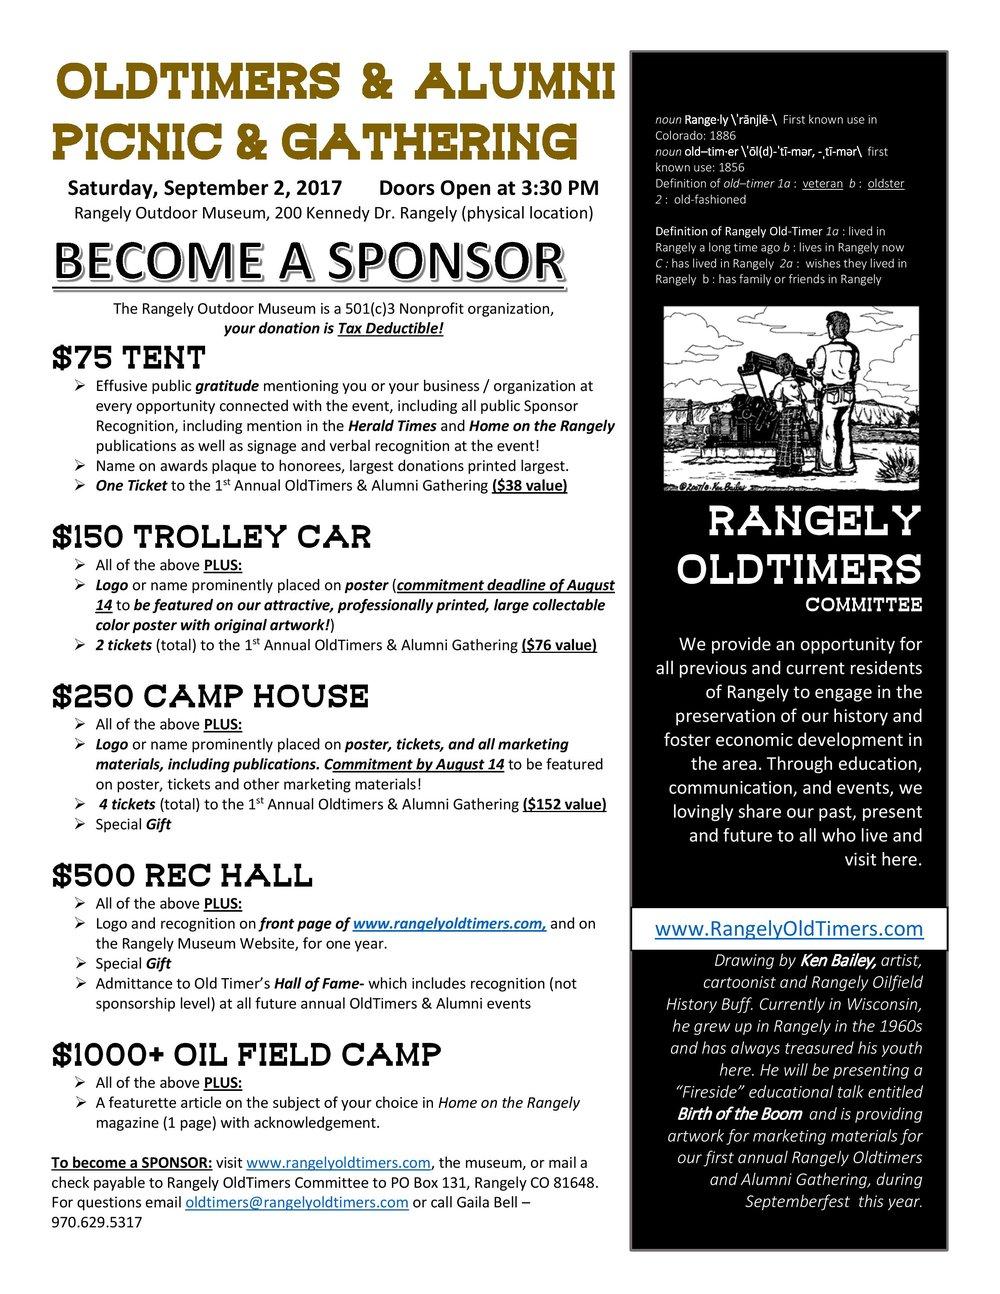 RangelyOldtimers-sponsorpacket-withflier (2)-page-003.jpg